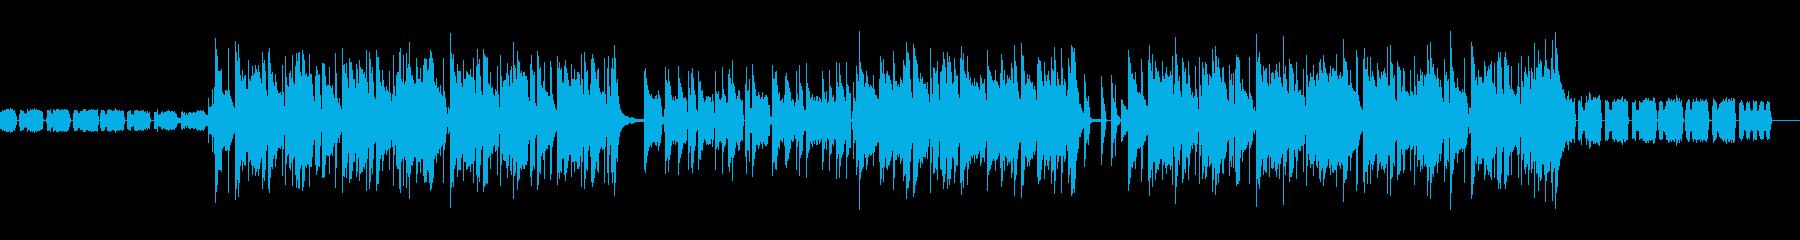 メイン抜 格好いいFuture Bassの再生済みの波形